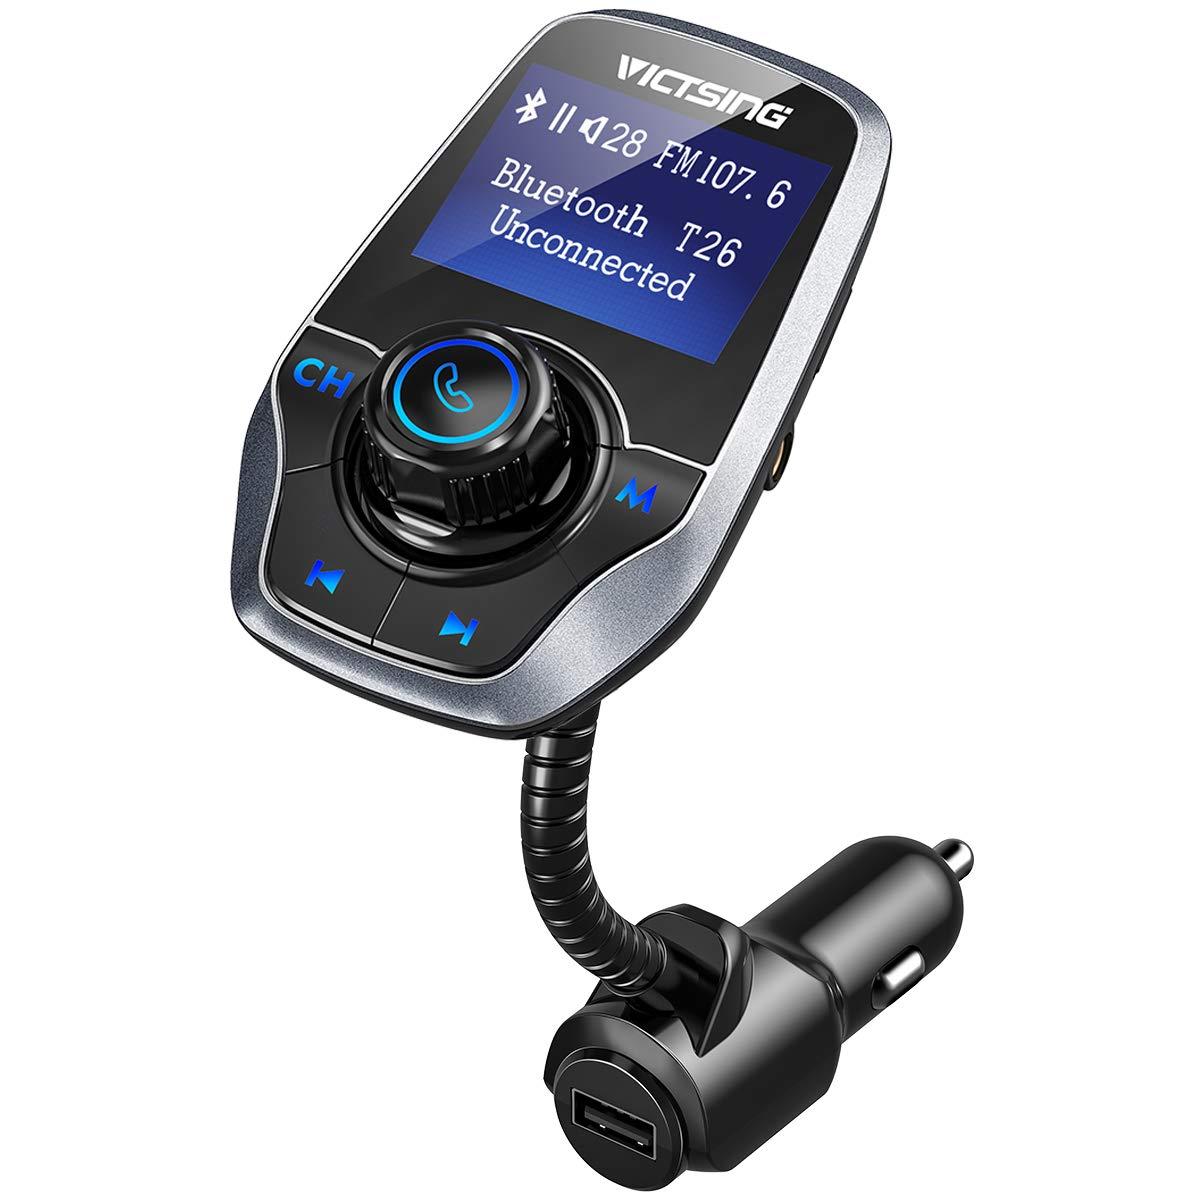 VICTSING Transmetteur FM Bluetooth Adaptateur Bluetooth Autoradio Kit Voiture Main-libre Sans Fil Adaptateur Radio avec Double Port USB 5V/ 2.1A et Port Audio 3,5mm(Noir)